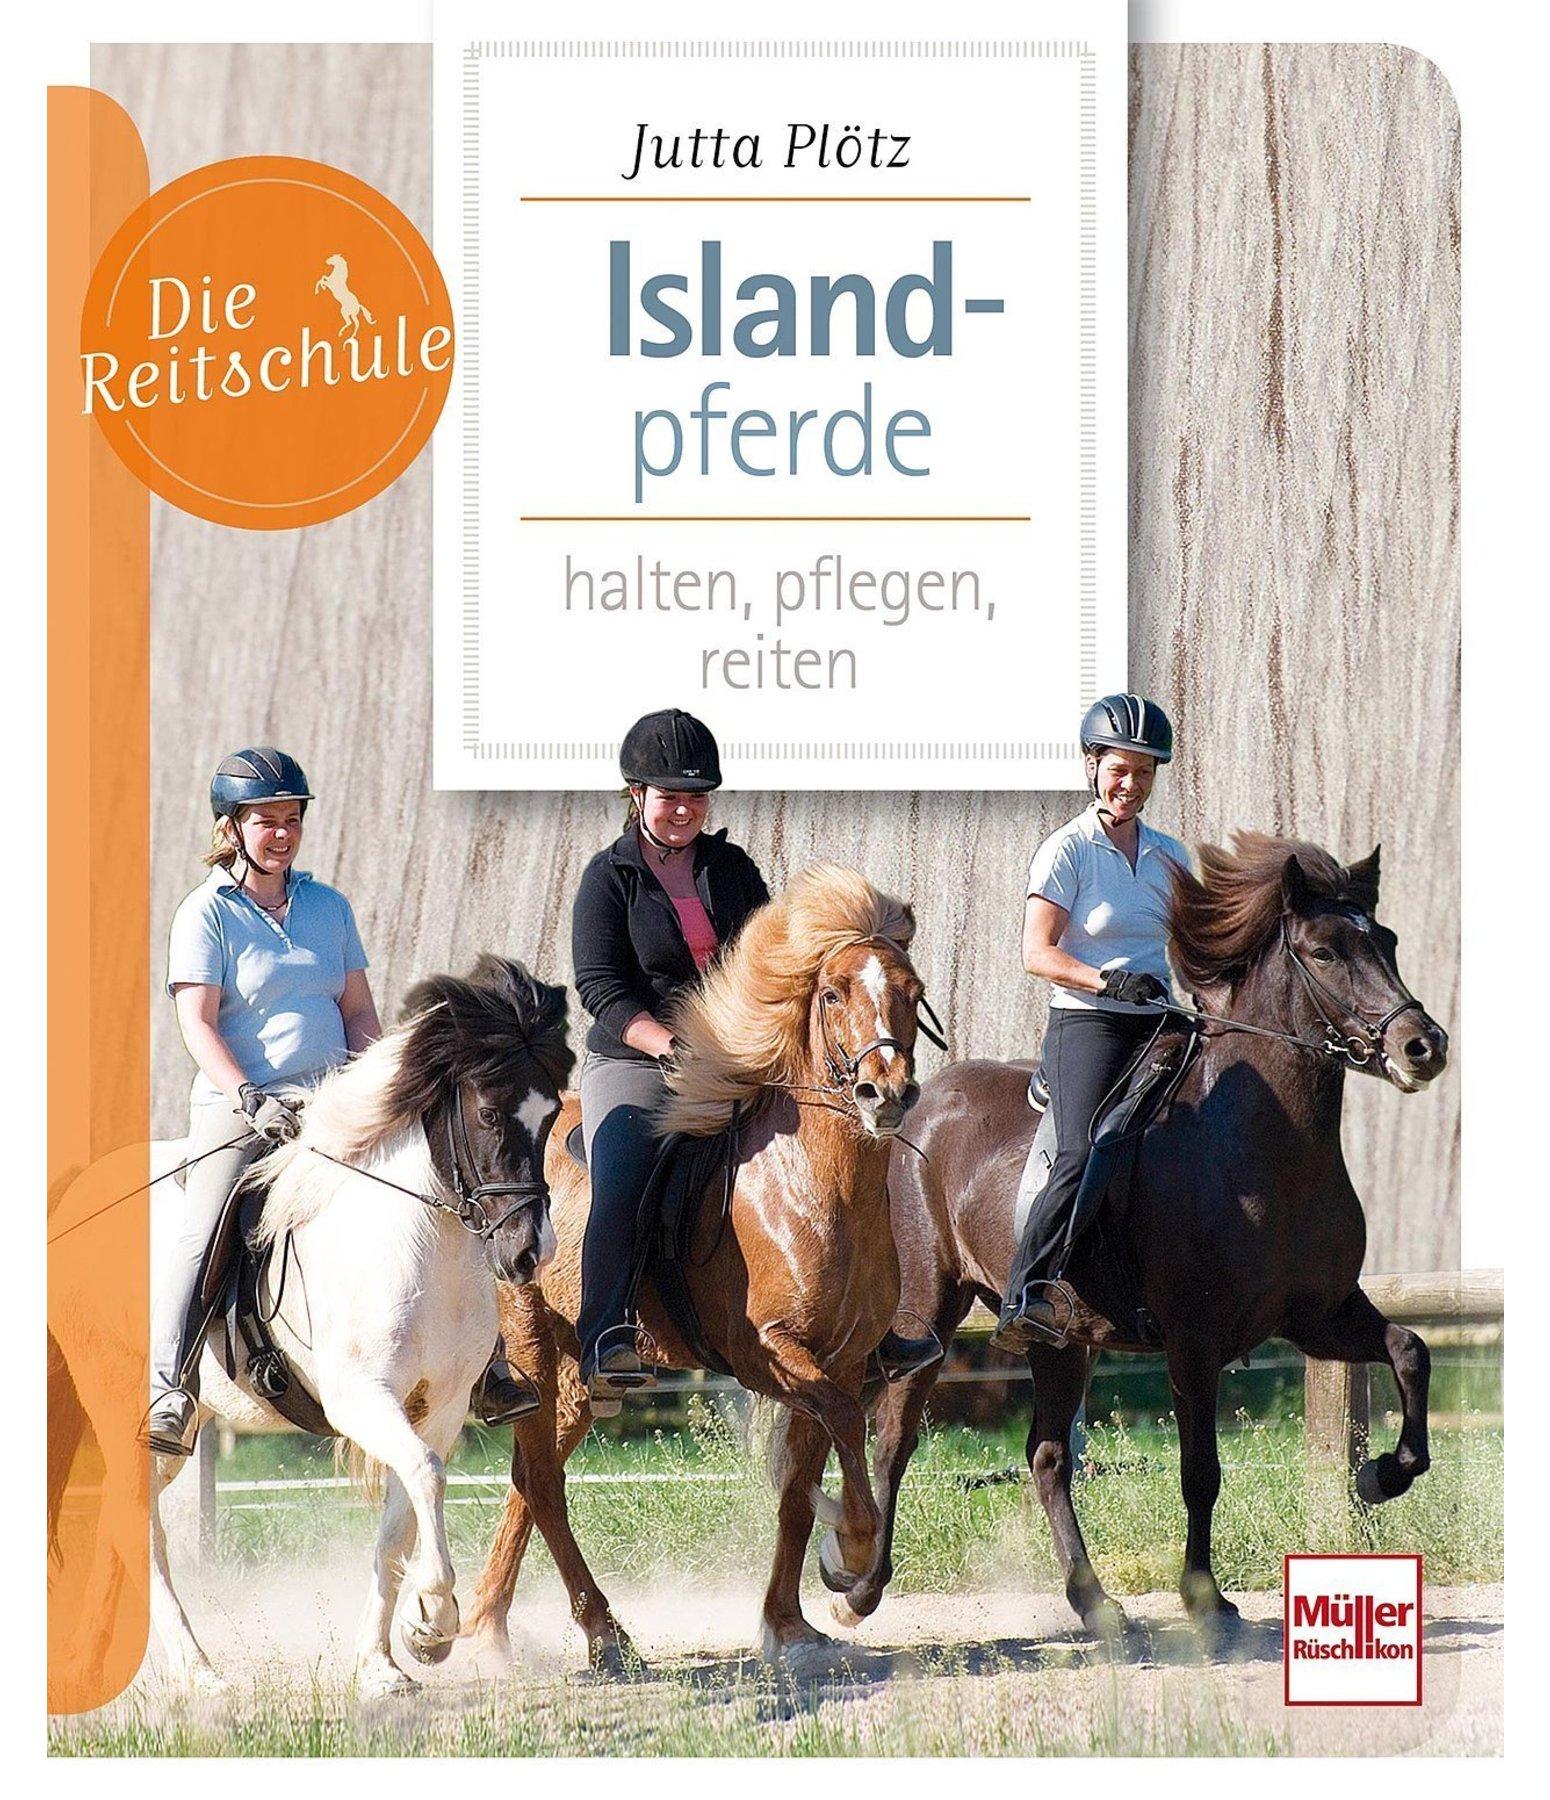 islandpferde reiten pferderassen zucht kr mer pferdesport. Black Bedroom Furniture Sets. Home Design Ideas